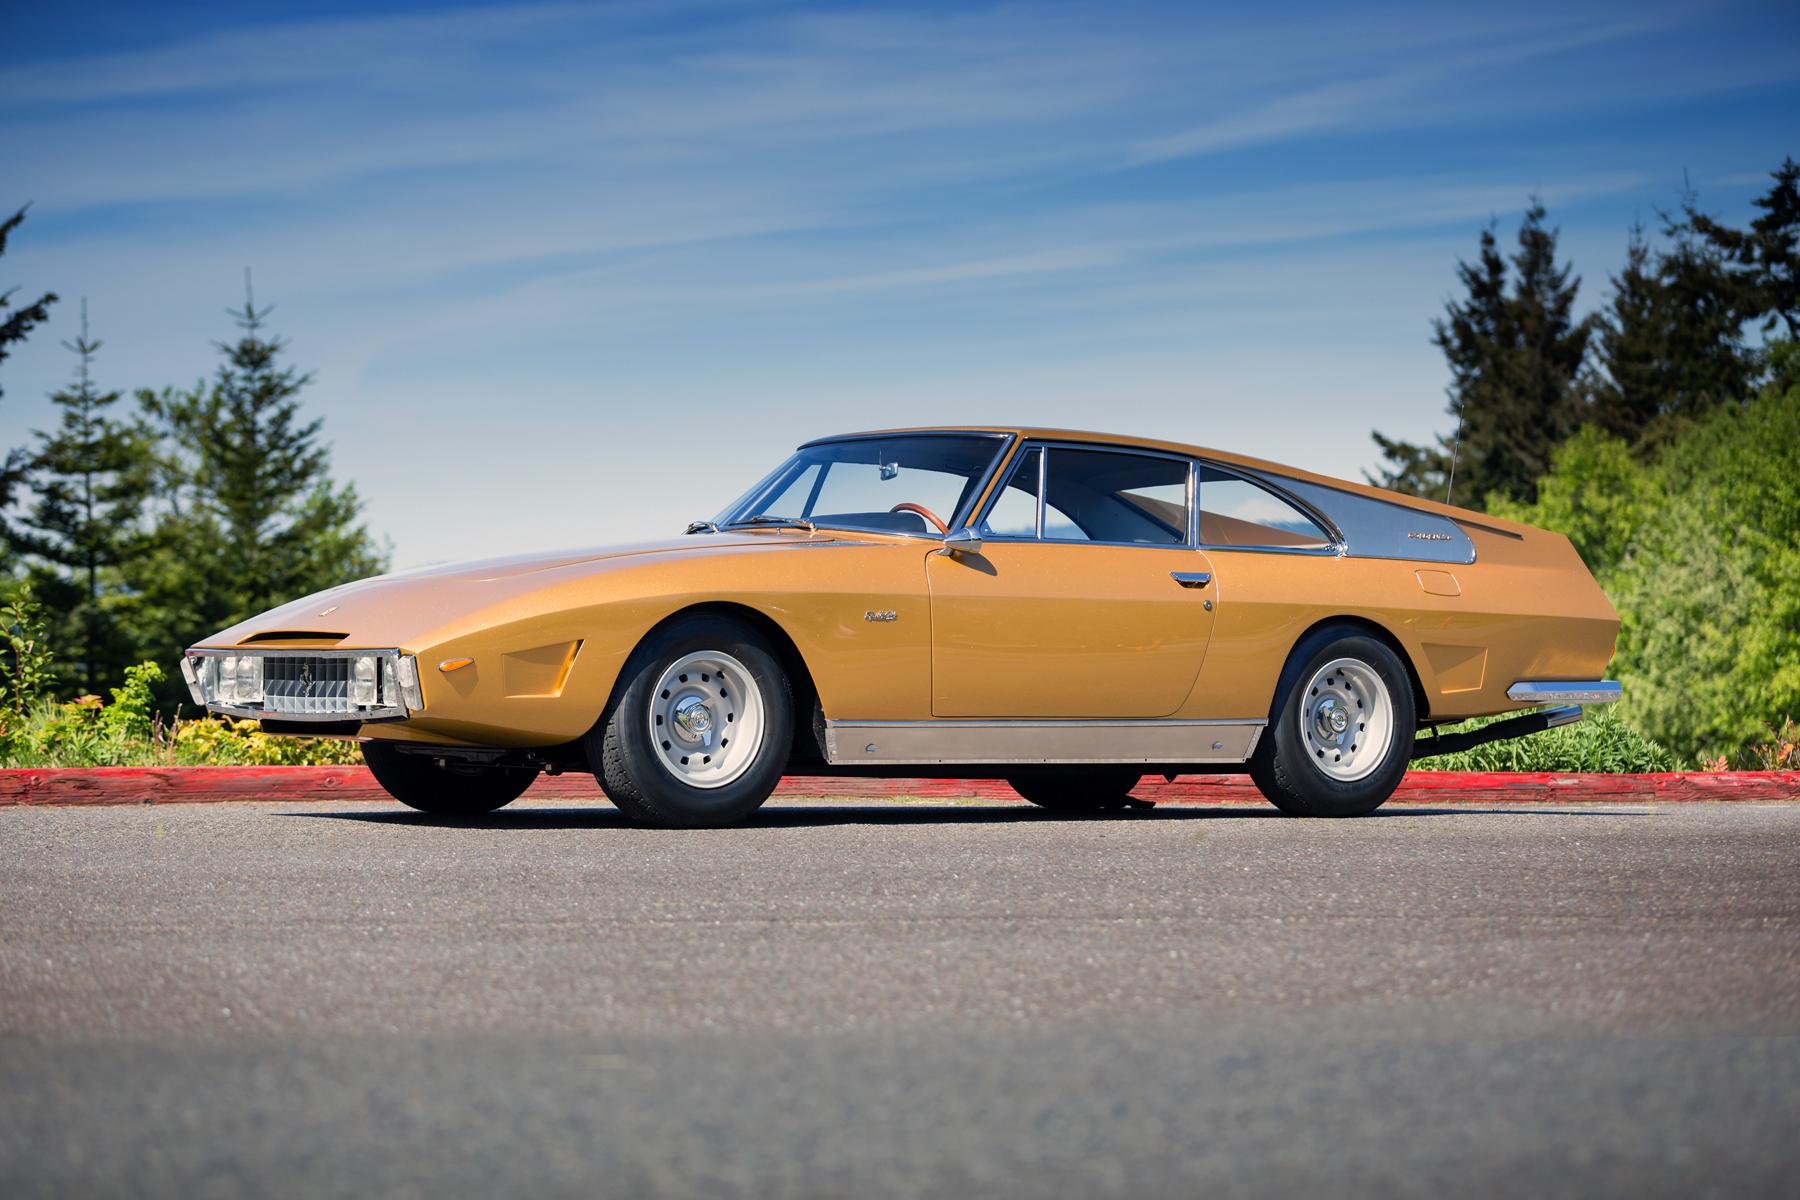 Drogo 1966 Ferrari 330 2+2 front 3/4